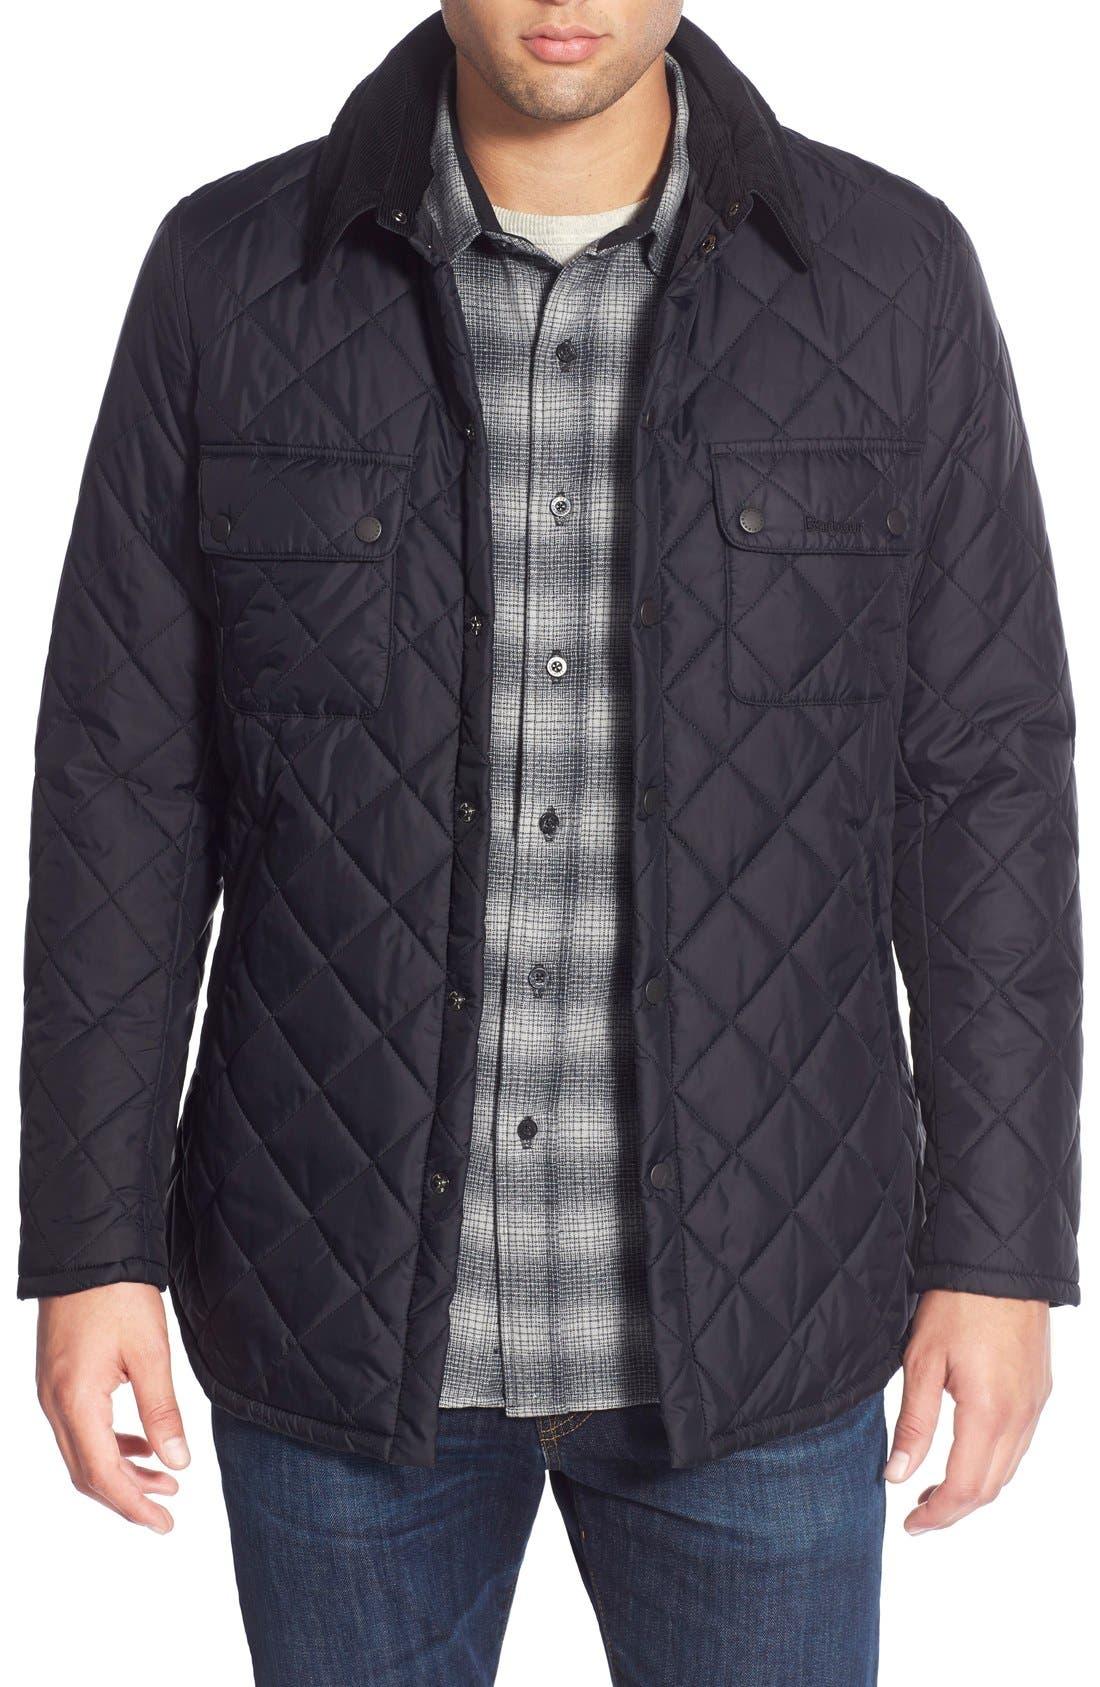 Alternate Image 1 Selected - Barbour 'Akenside' Regular Fit Quilted Jacket